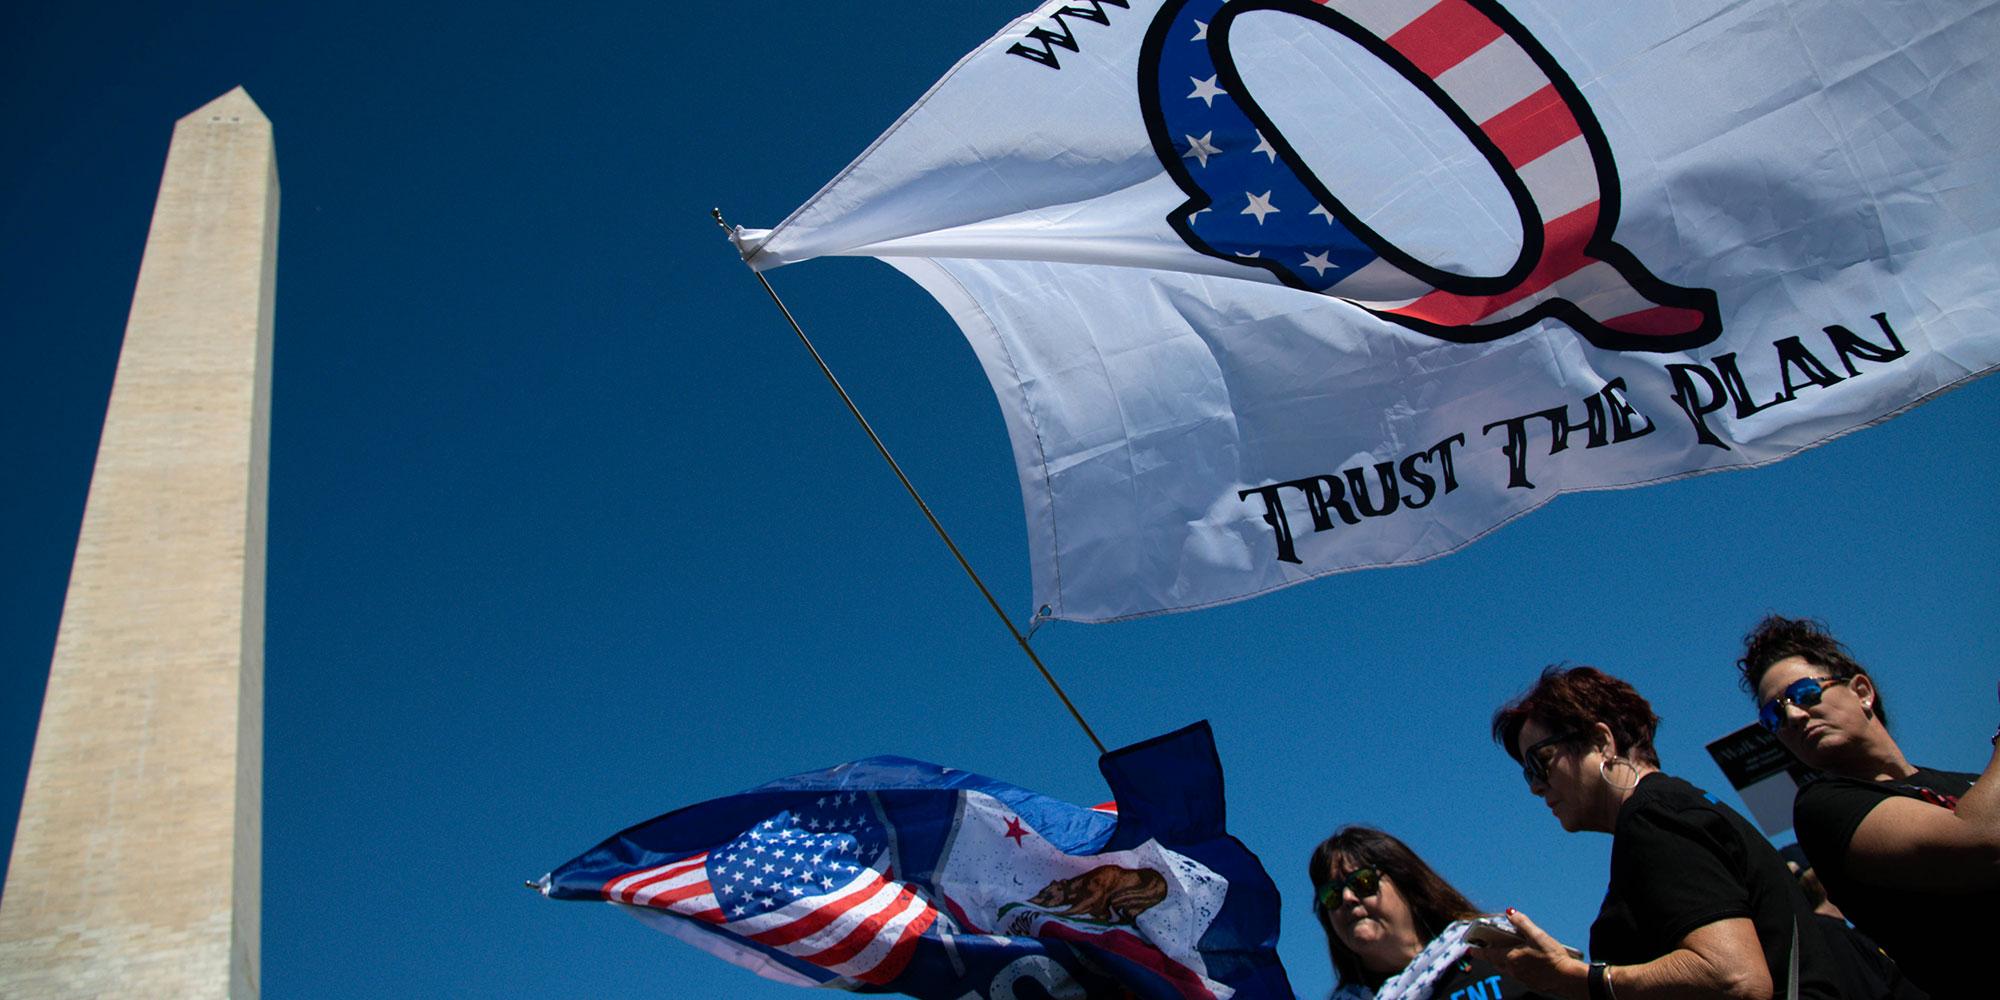 Elections US sous tension - Page 9 QAnon-est-banni-de-Facebook-mais-la-bataille-contre-les-theories-du-complot-n-est-pas-gagnee